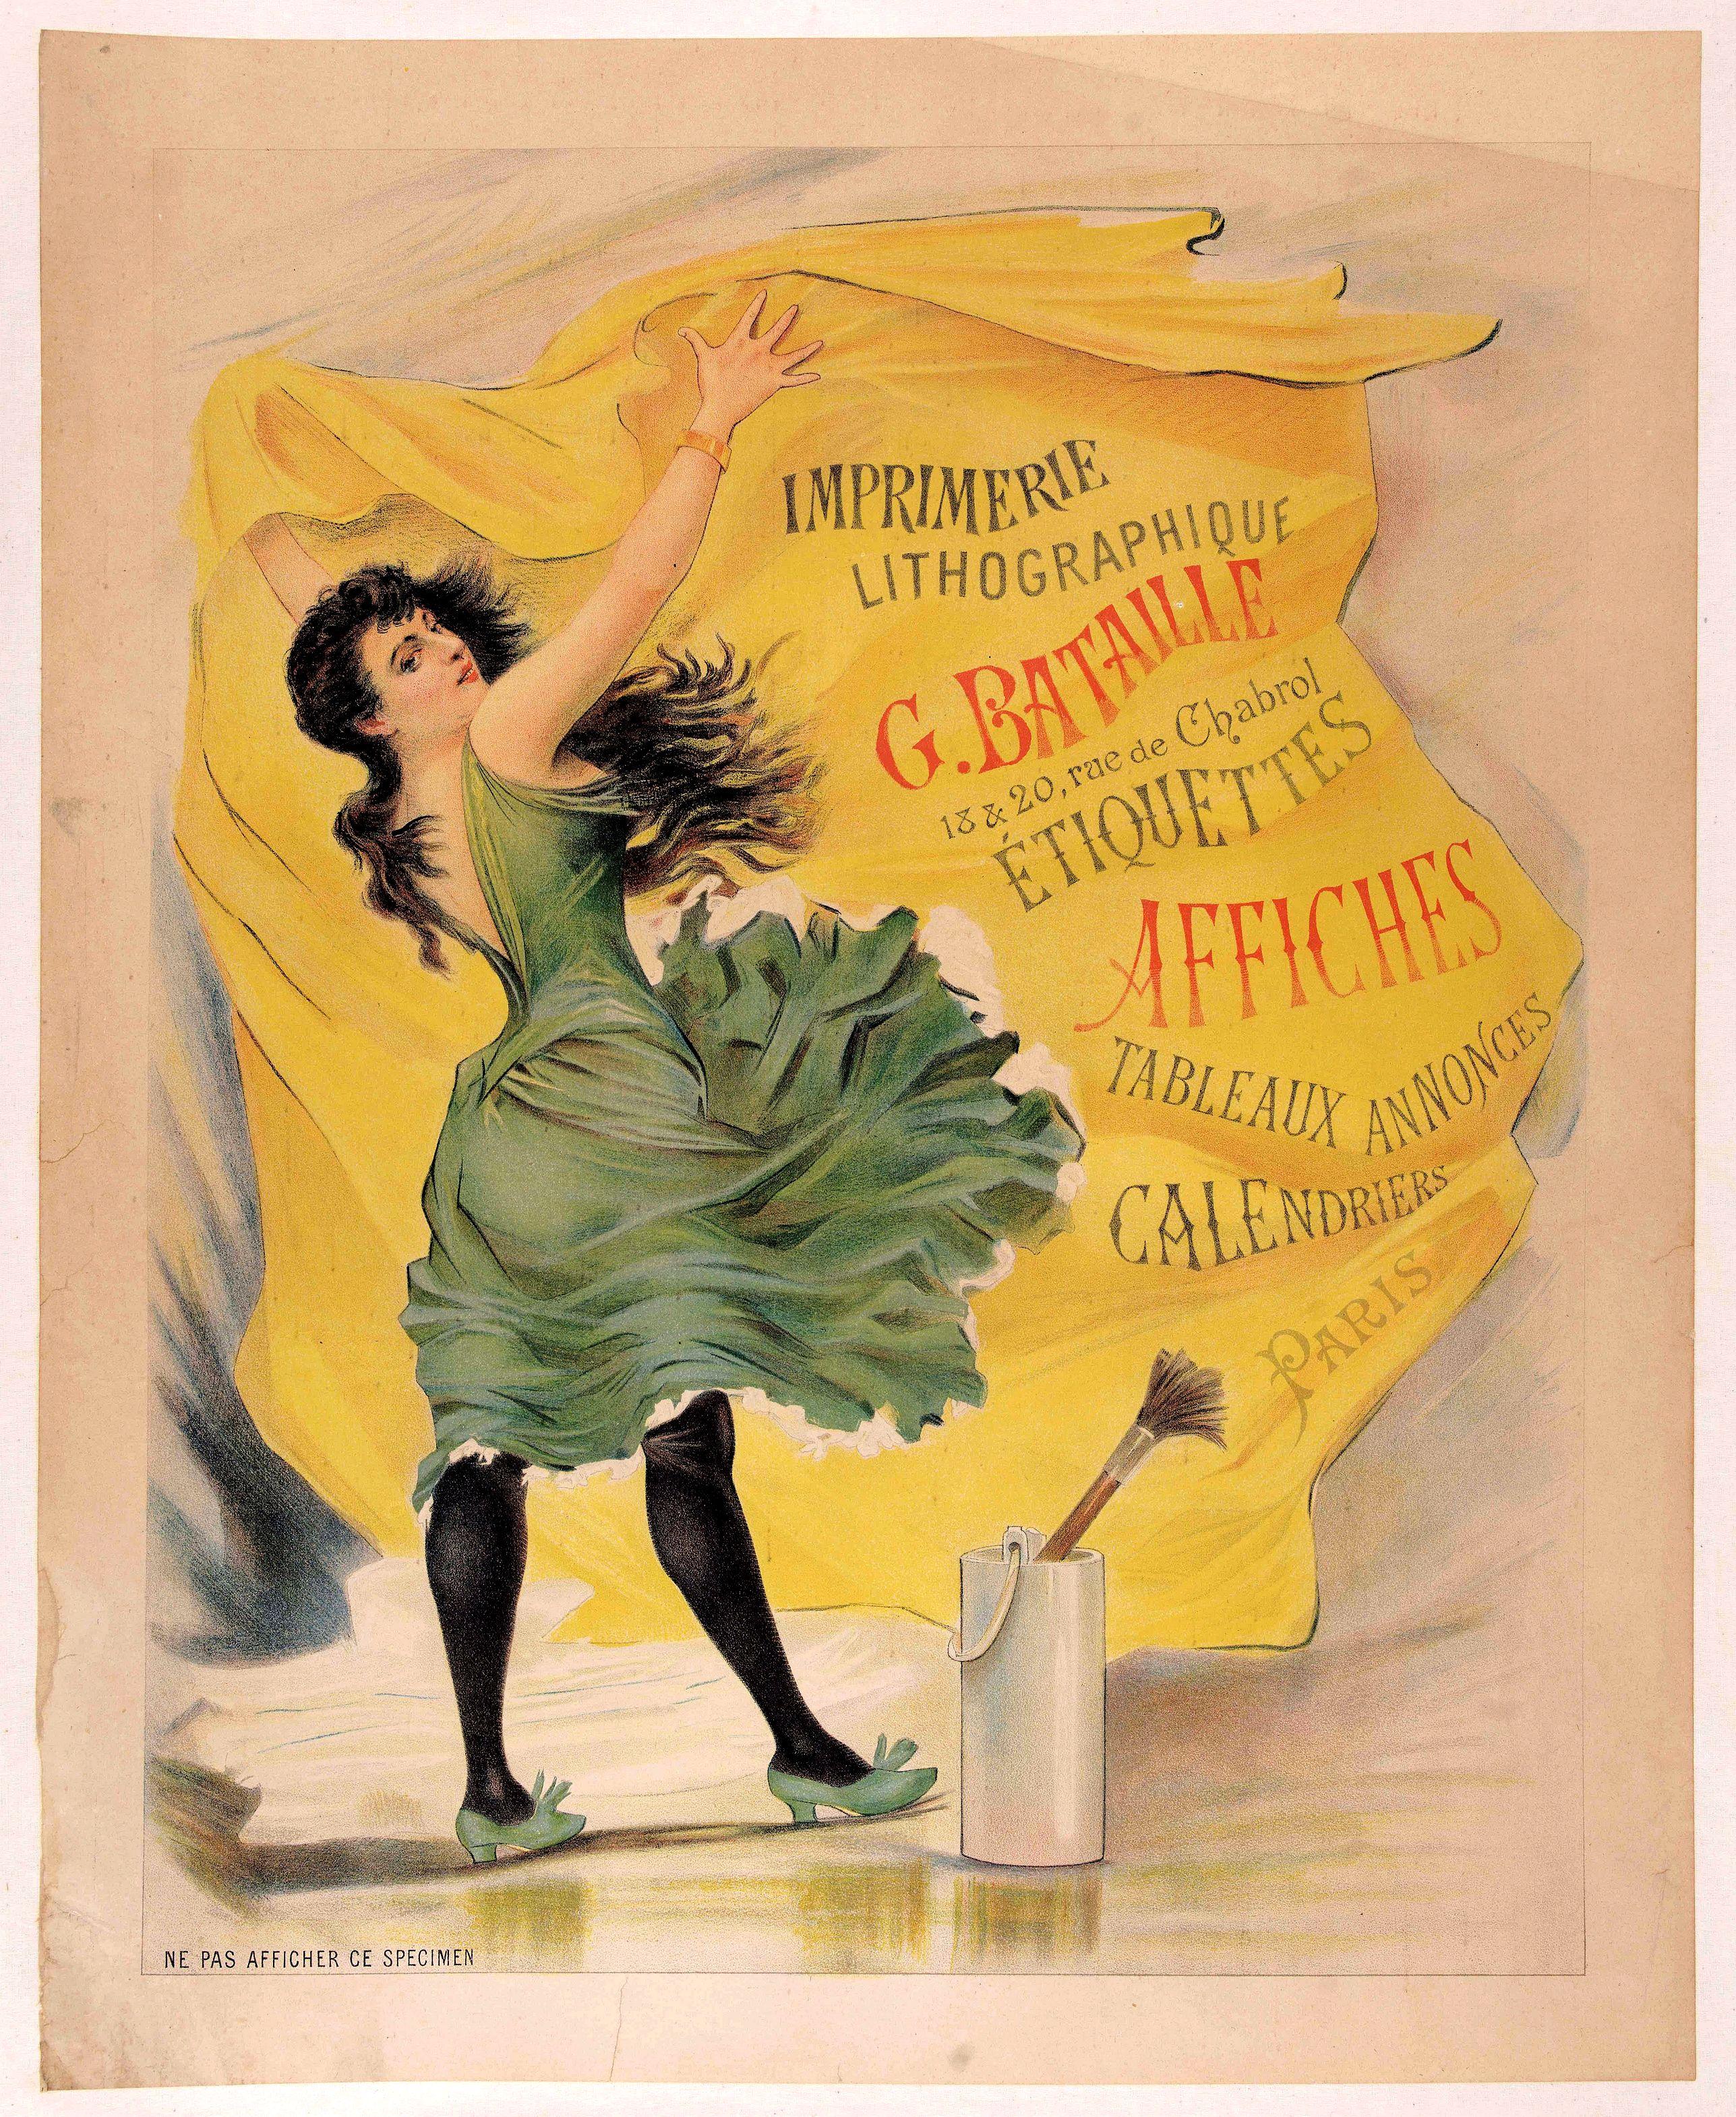 BATAILLE, G. -  Imprimerie lithographique G. BATAILLE 18&20 rue de Chabrol - Etiquettes affiches tableaux annonces calendriers Paris.